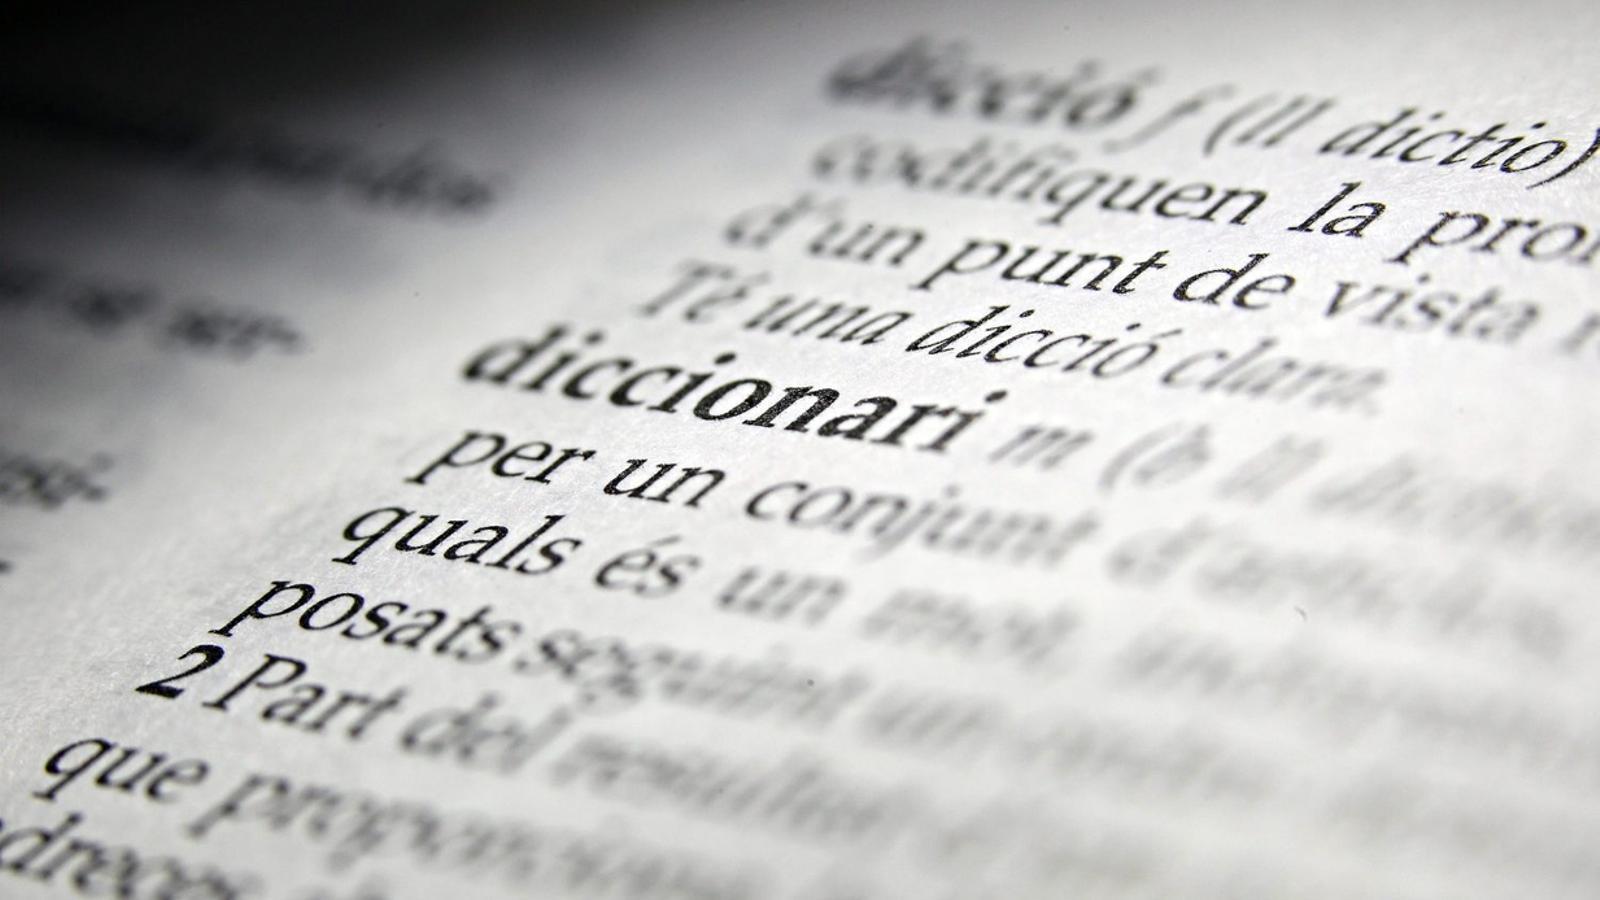 Normativa i qualitat lingüística